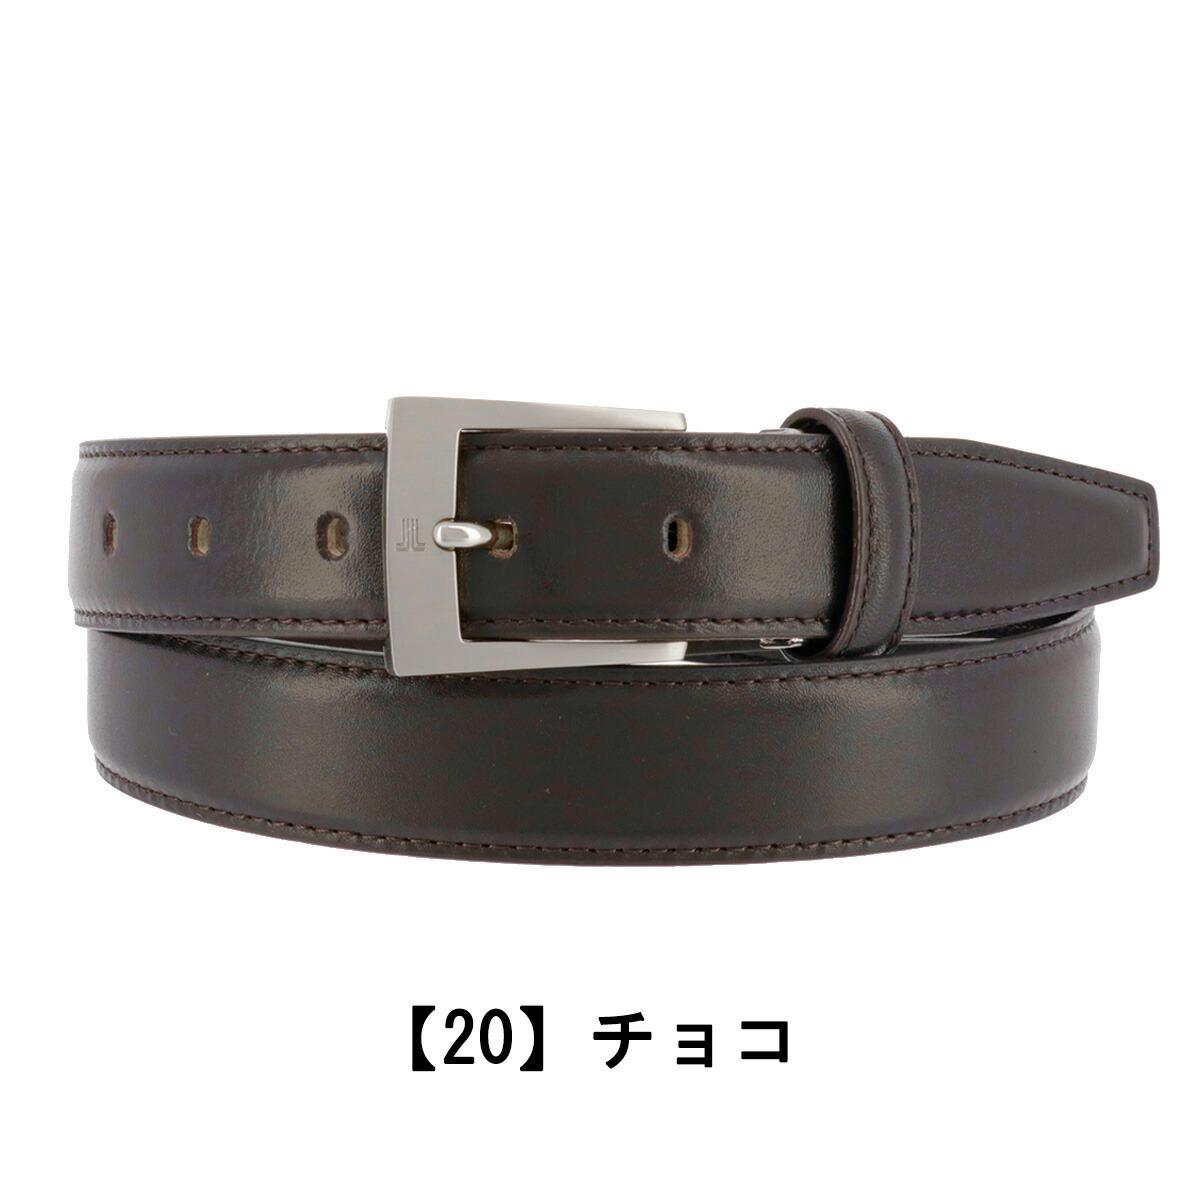 【20】チョコ